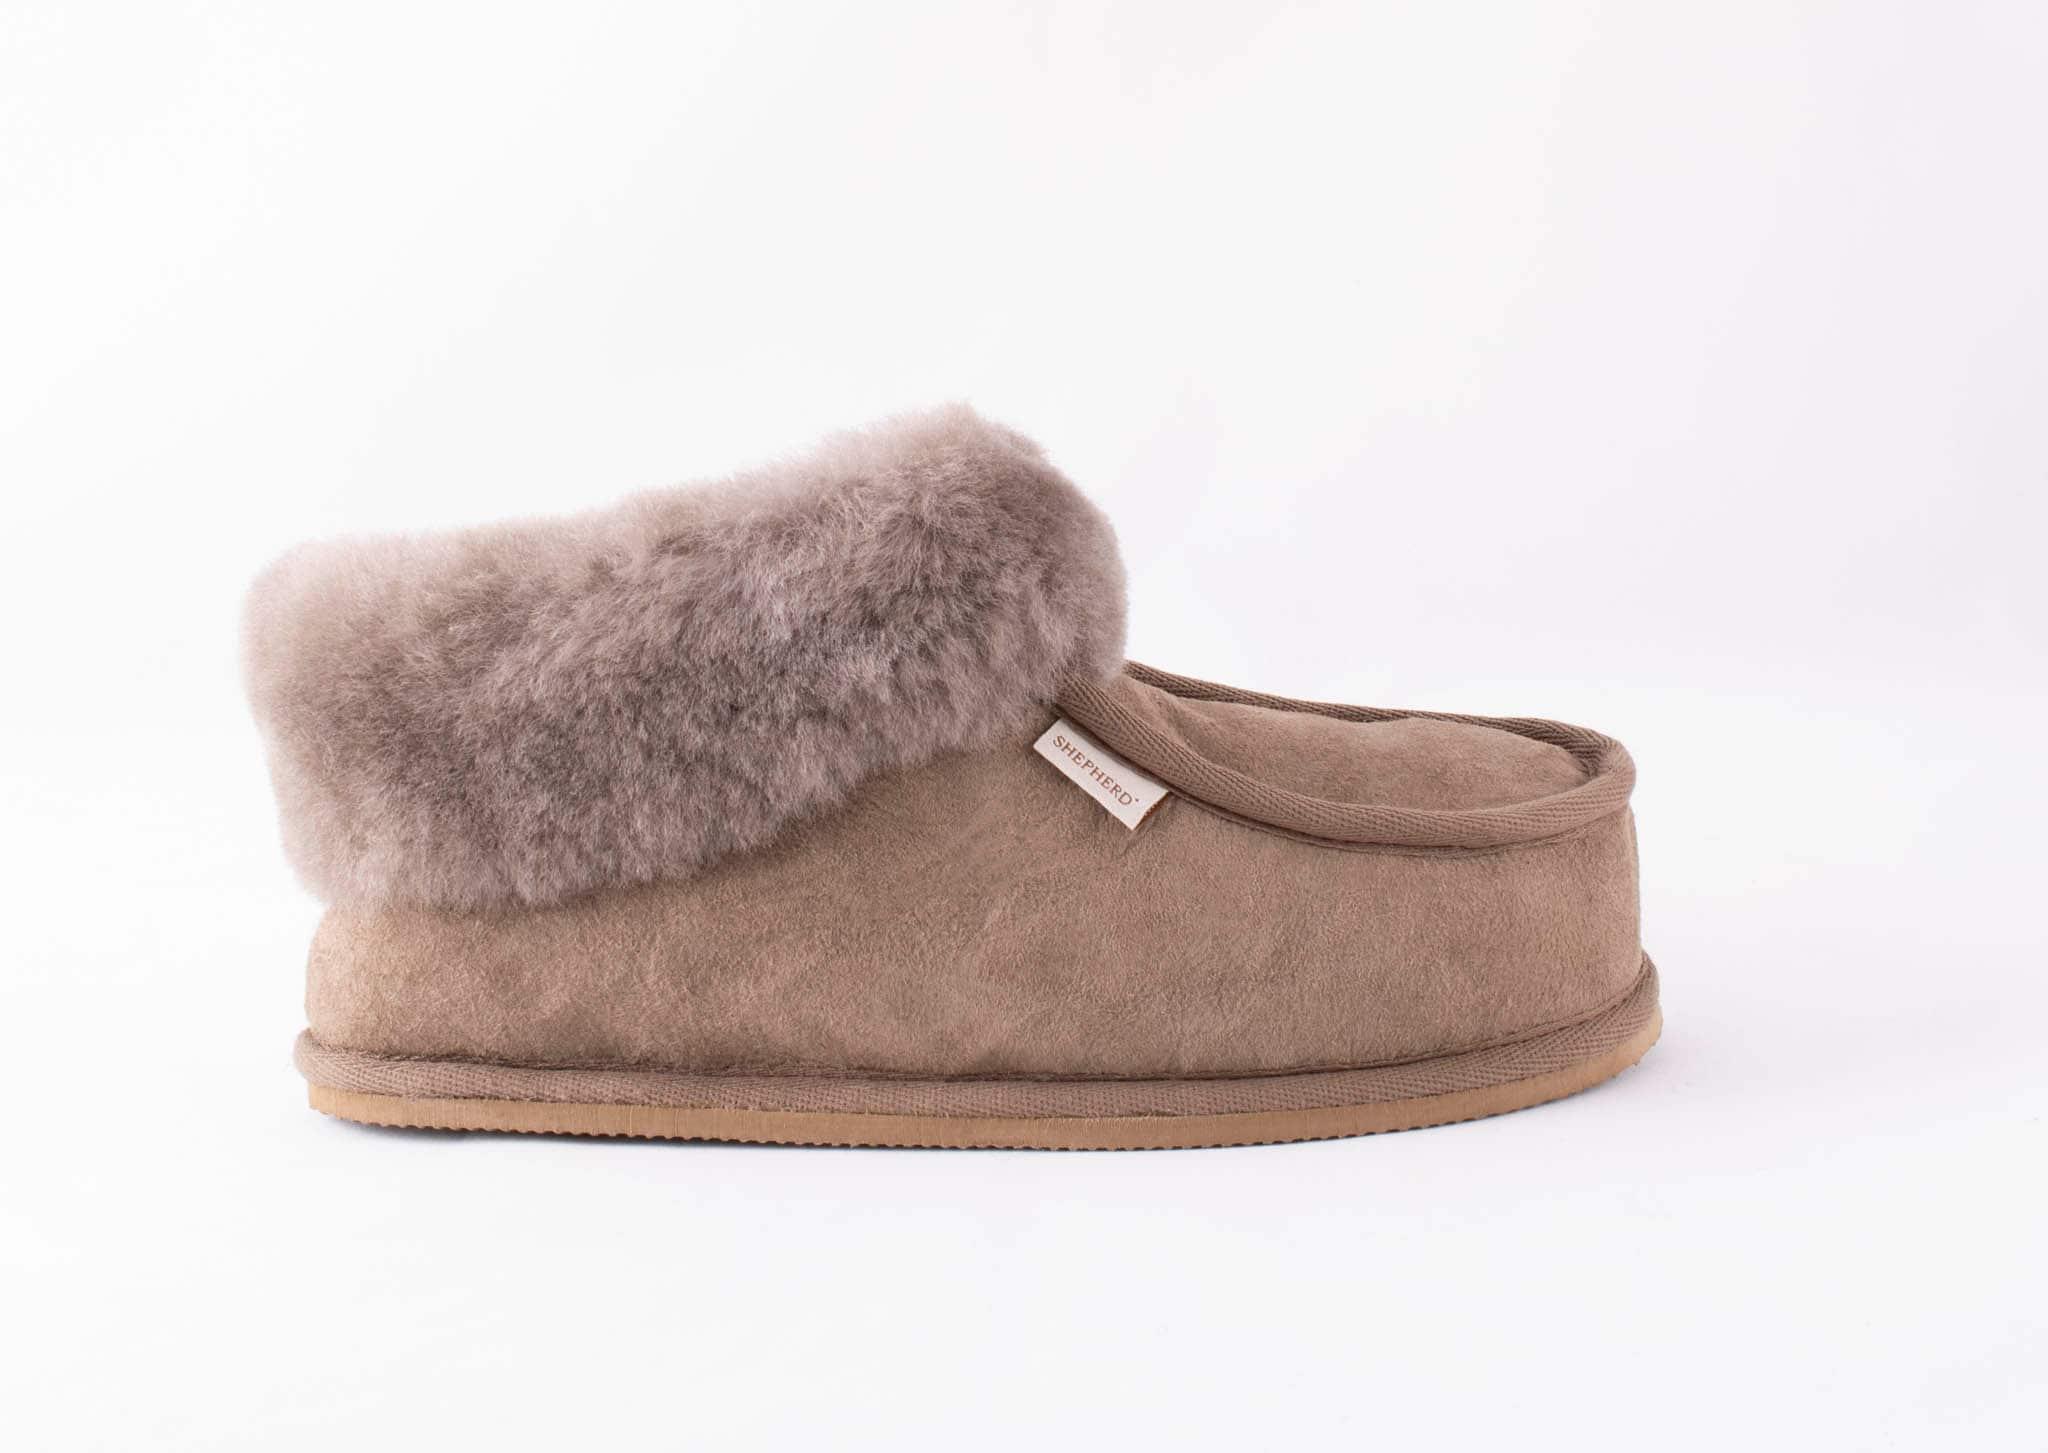 Krister slippers Stone